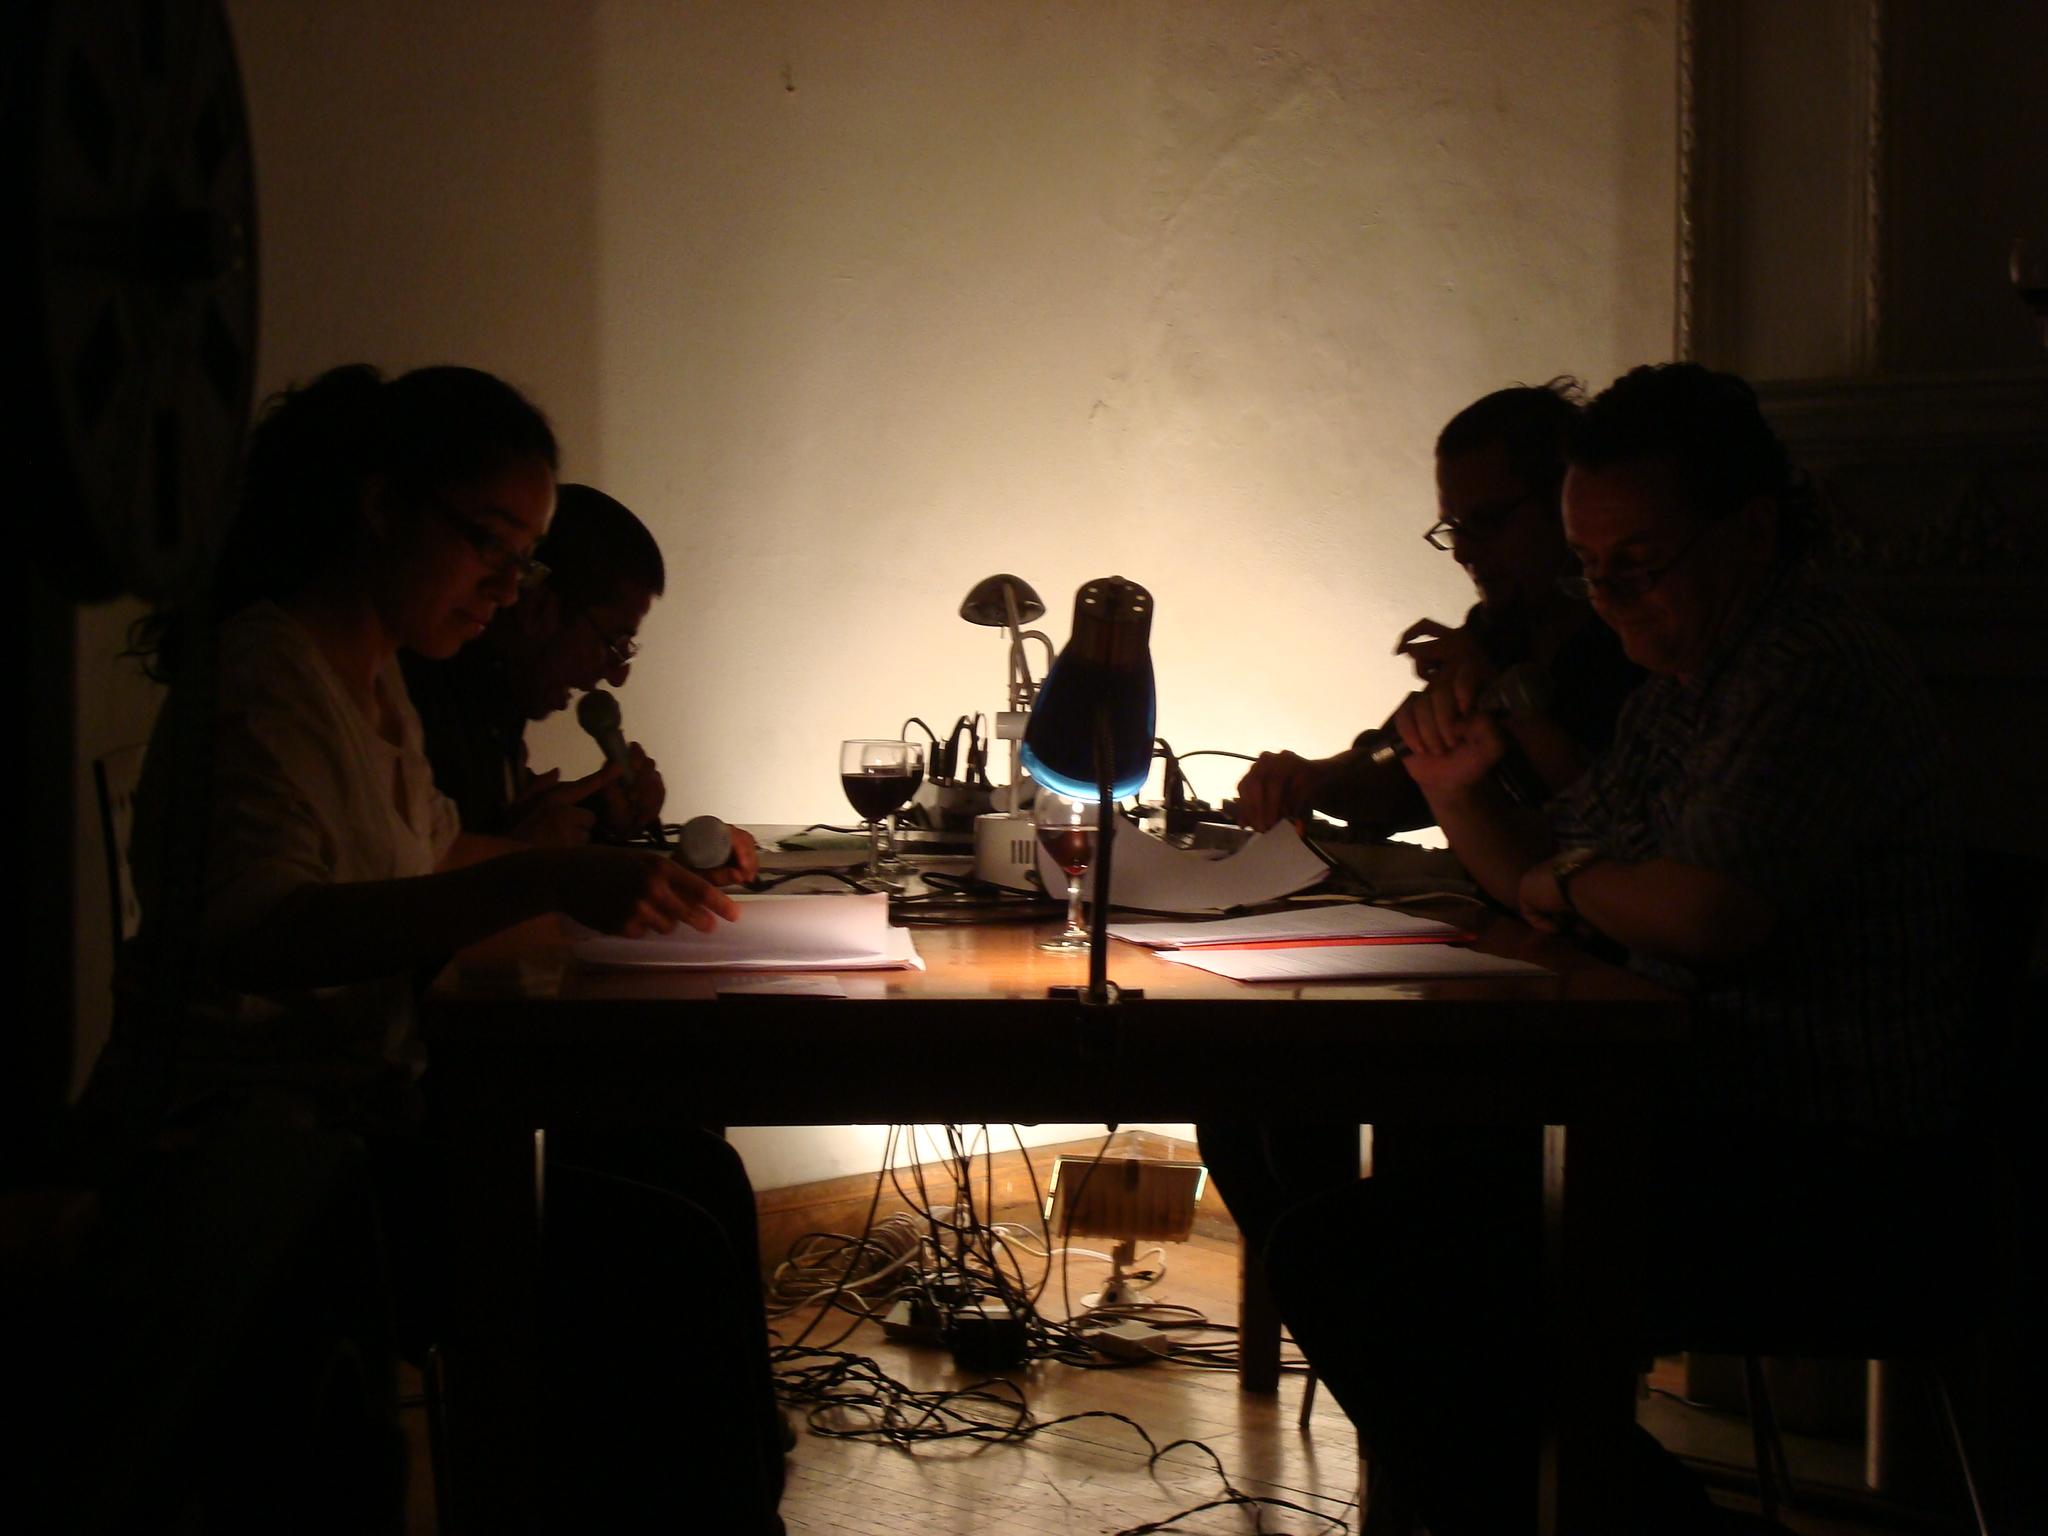 Cabaret literario 05, 06 & 07